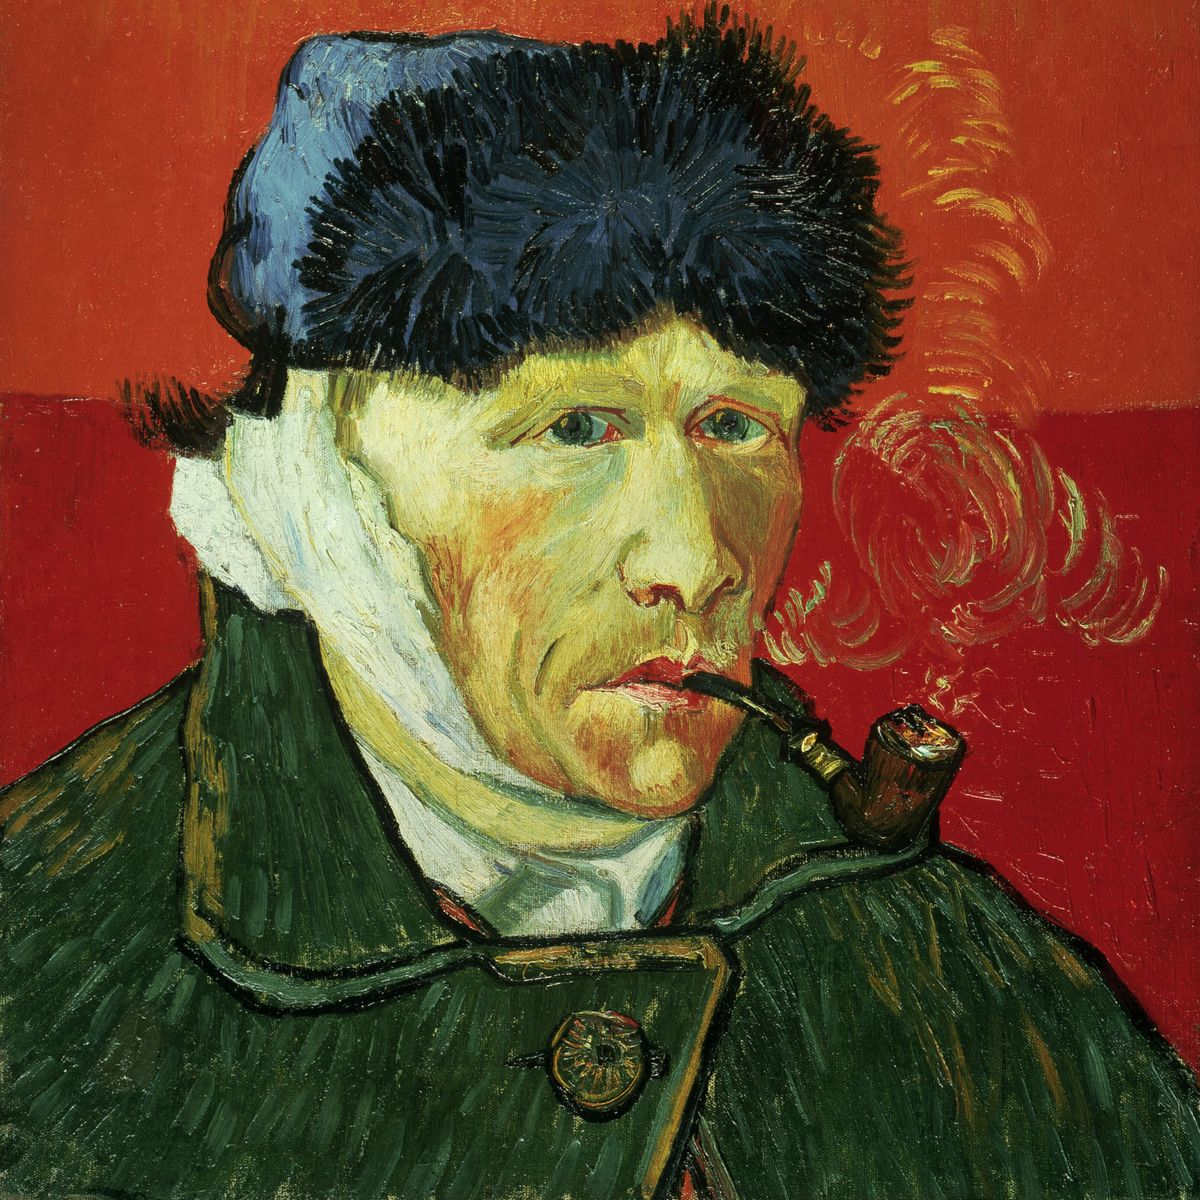 Ван Гог без уха. Этот автопортрет был создан художником во французском Арле после стычки с Гогеном и поспешным бегством последнего. Так как художник рисовал себя в зеркале, повязка у него была на самом деле справа. Ко всему прочему был отсечён только кусочек уха и скорее всего искусным фехтовальщиком Полем Гогеном, а не самим Ван Гогом.